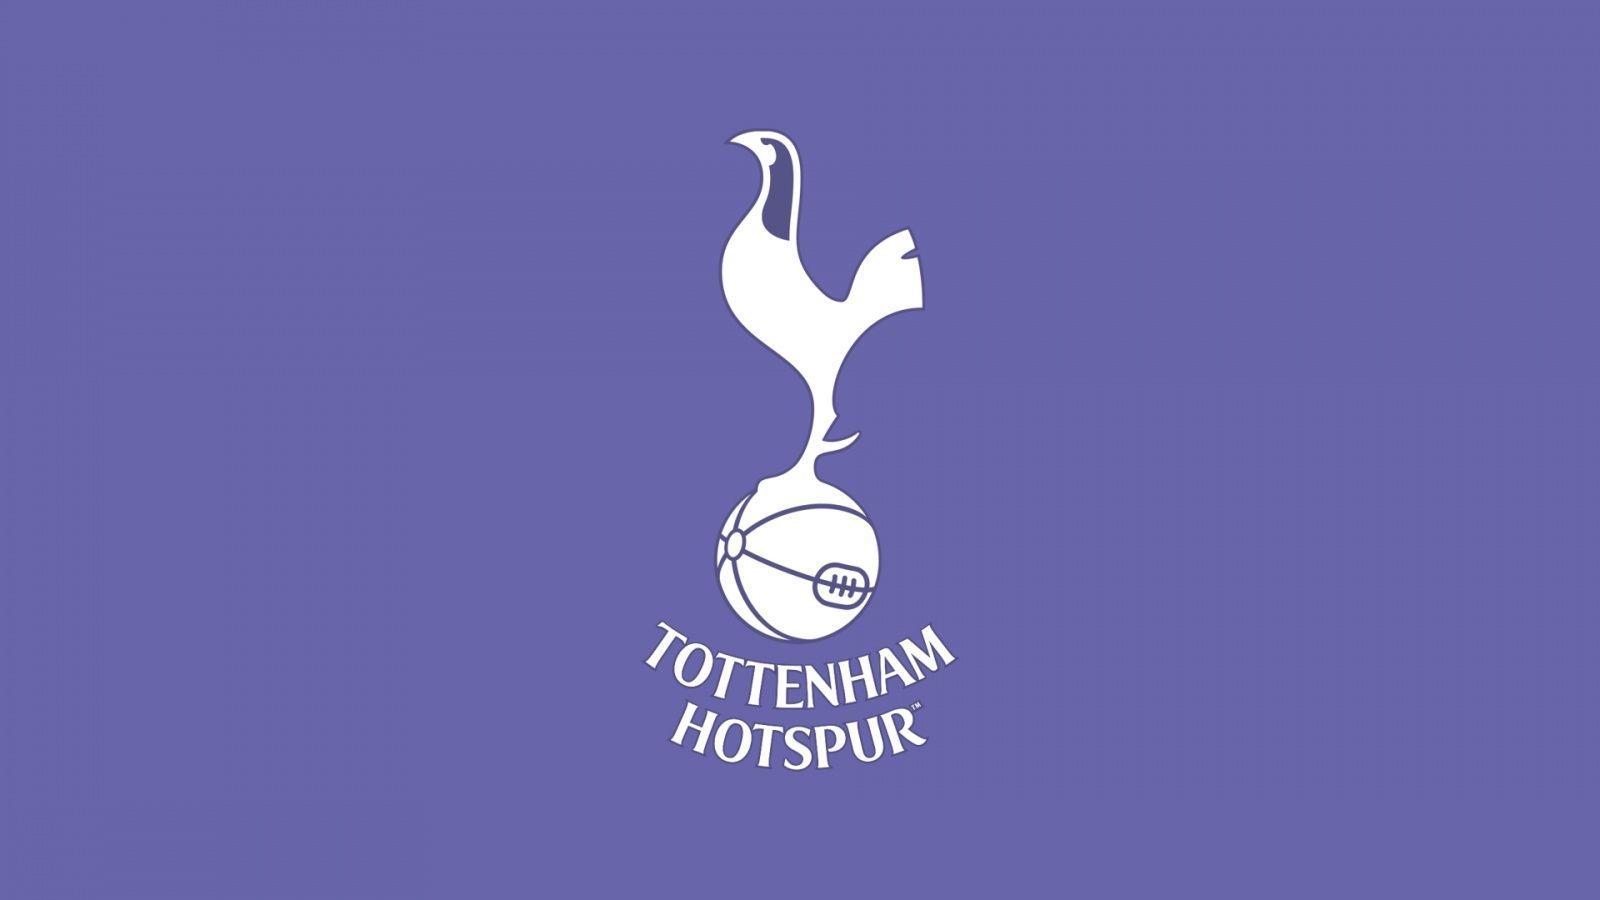 Tottenham Hotspur Wallpapers - Wallpaper Cave